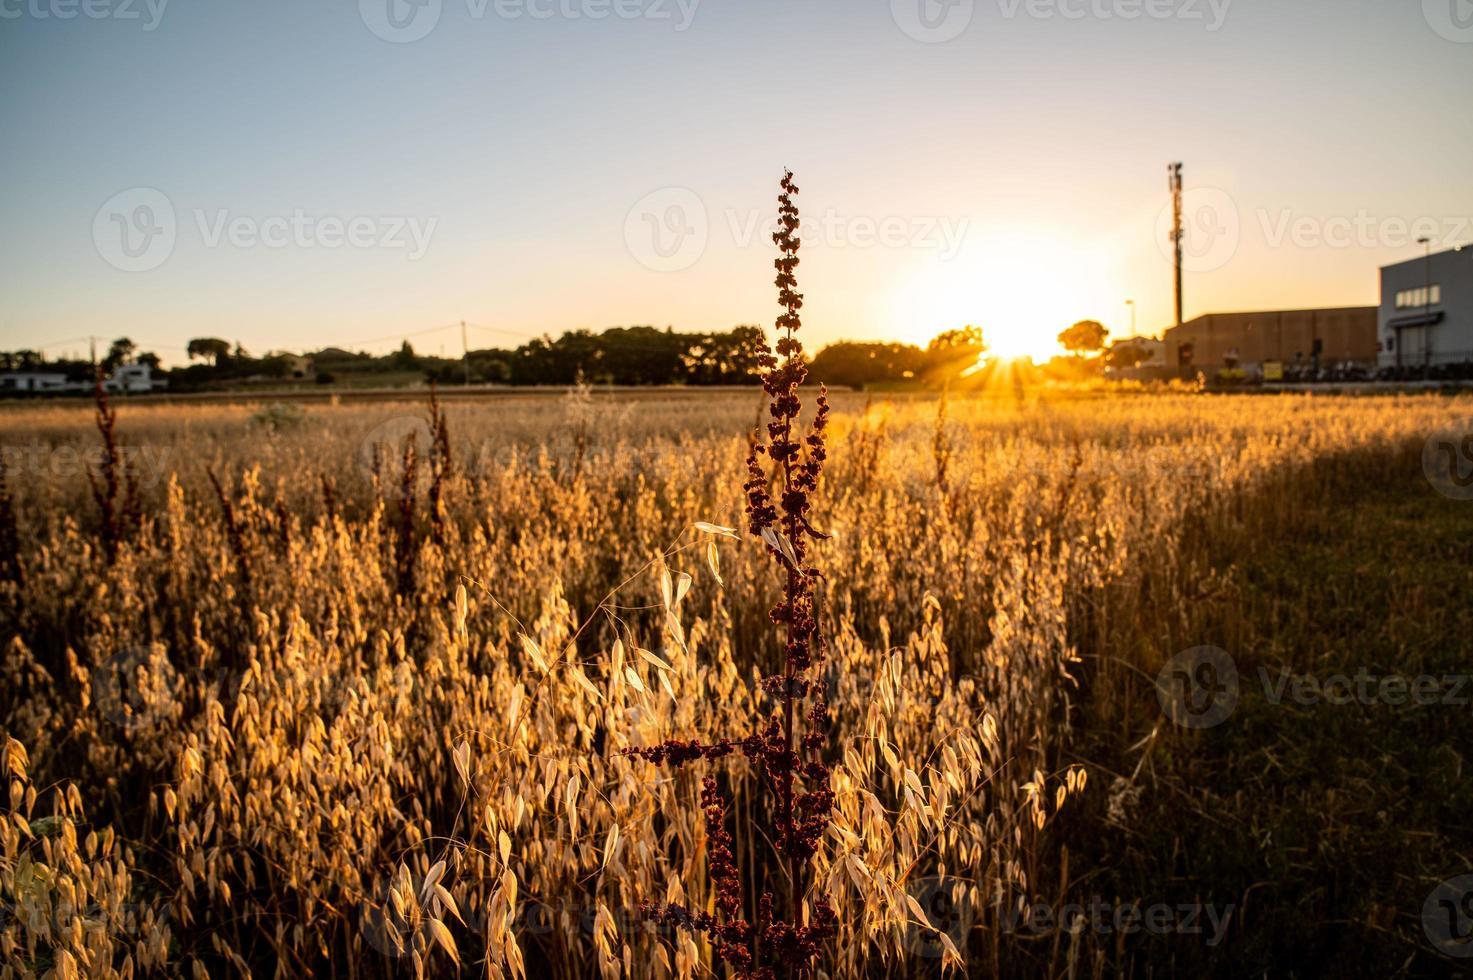 hierba al atardecer en el verano foto